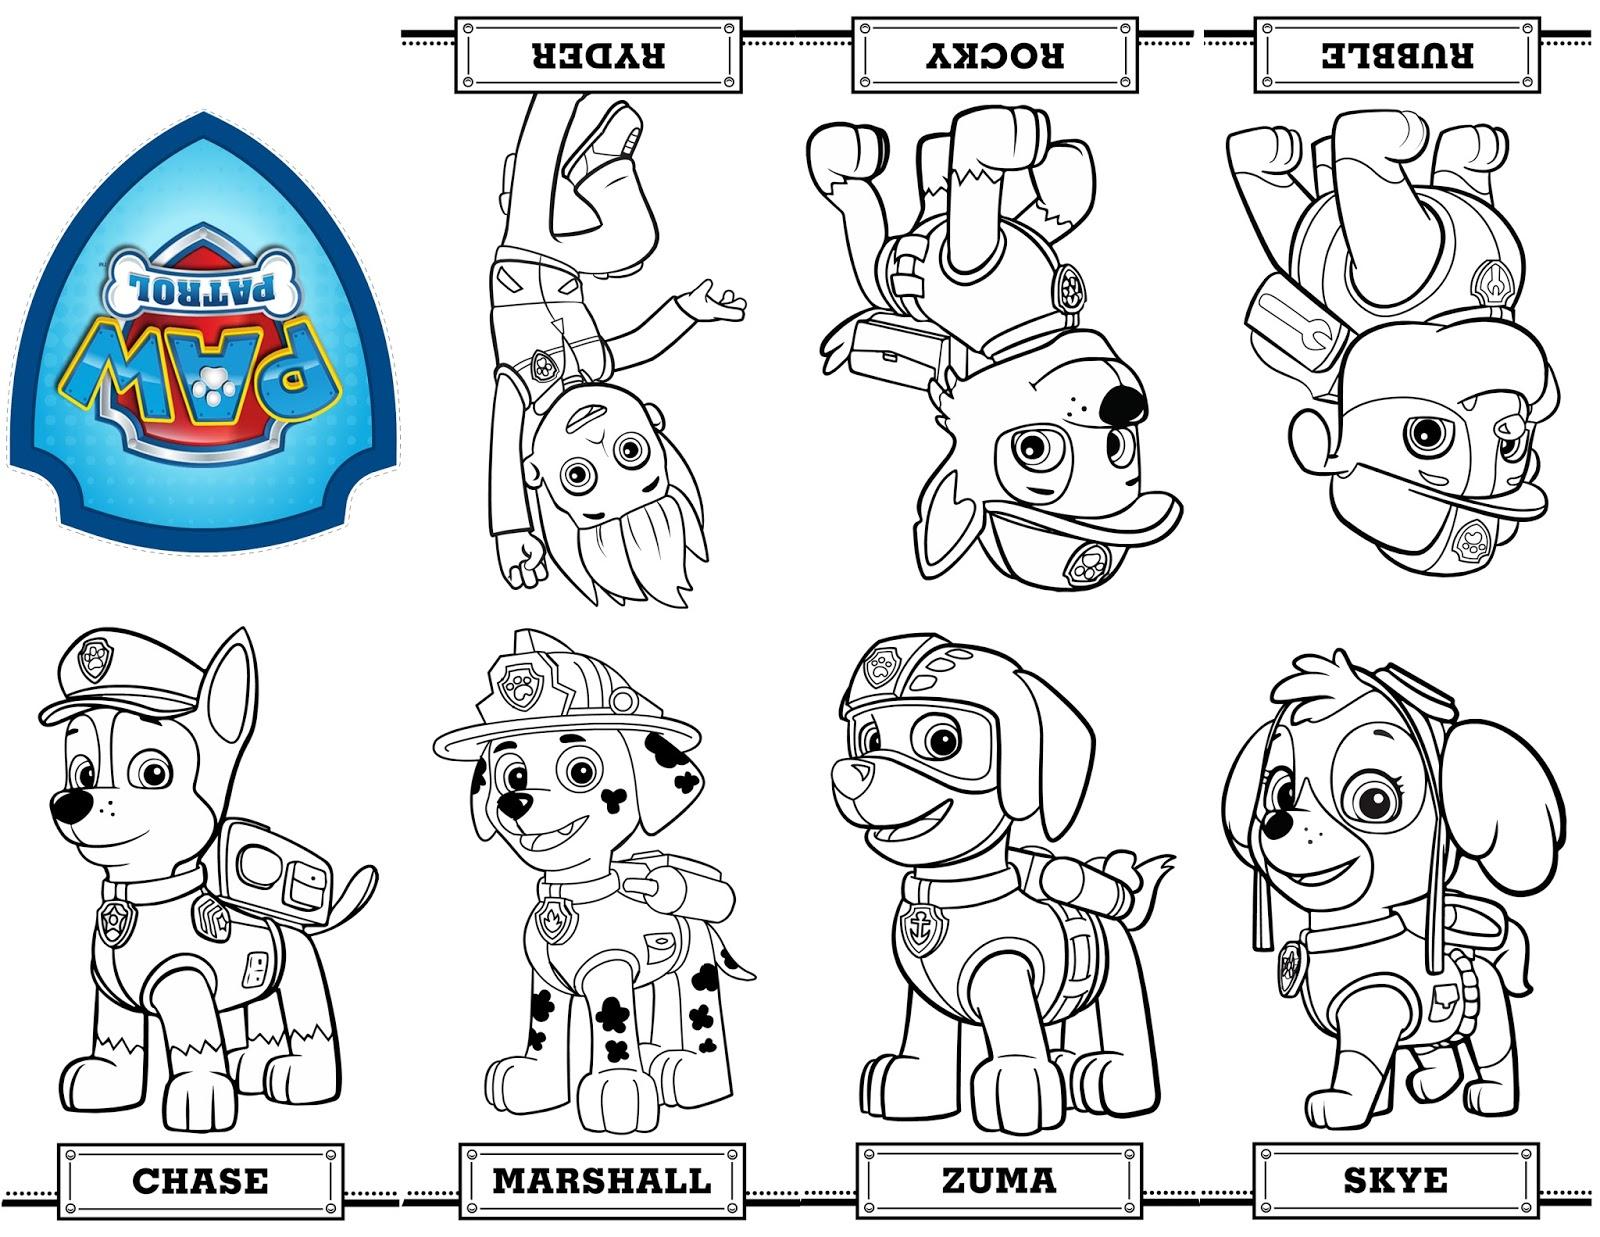 Paw Patrol Lookout Coloring Pages : Dibujos de la patrulla canina para colorear paw patrol